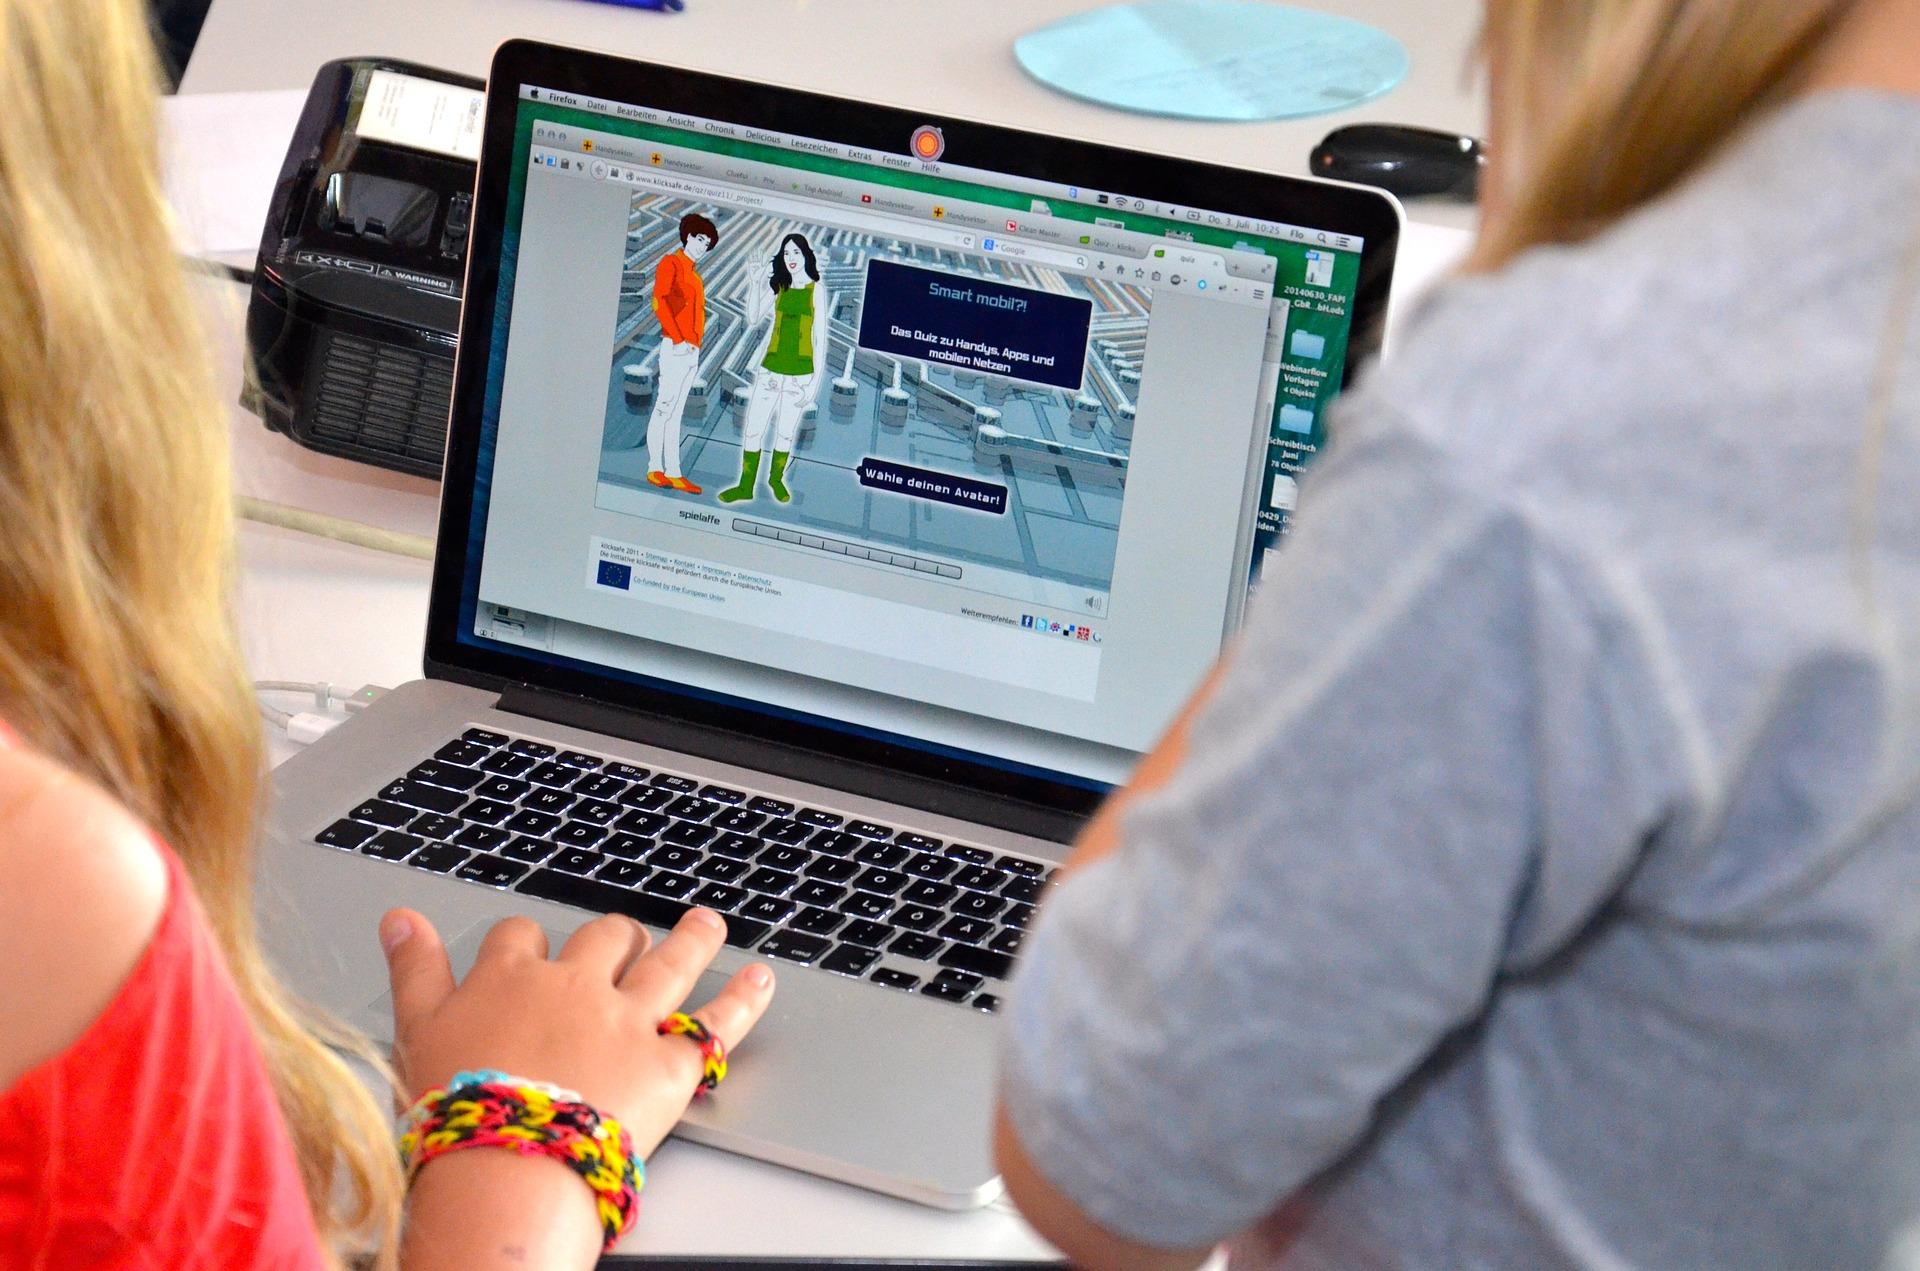 Women browsing content on laptop